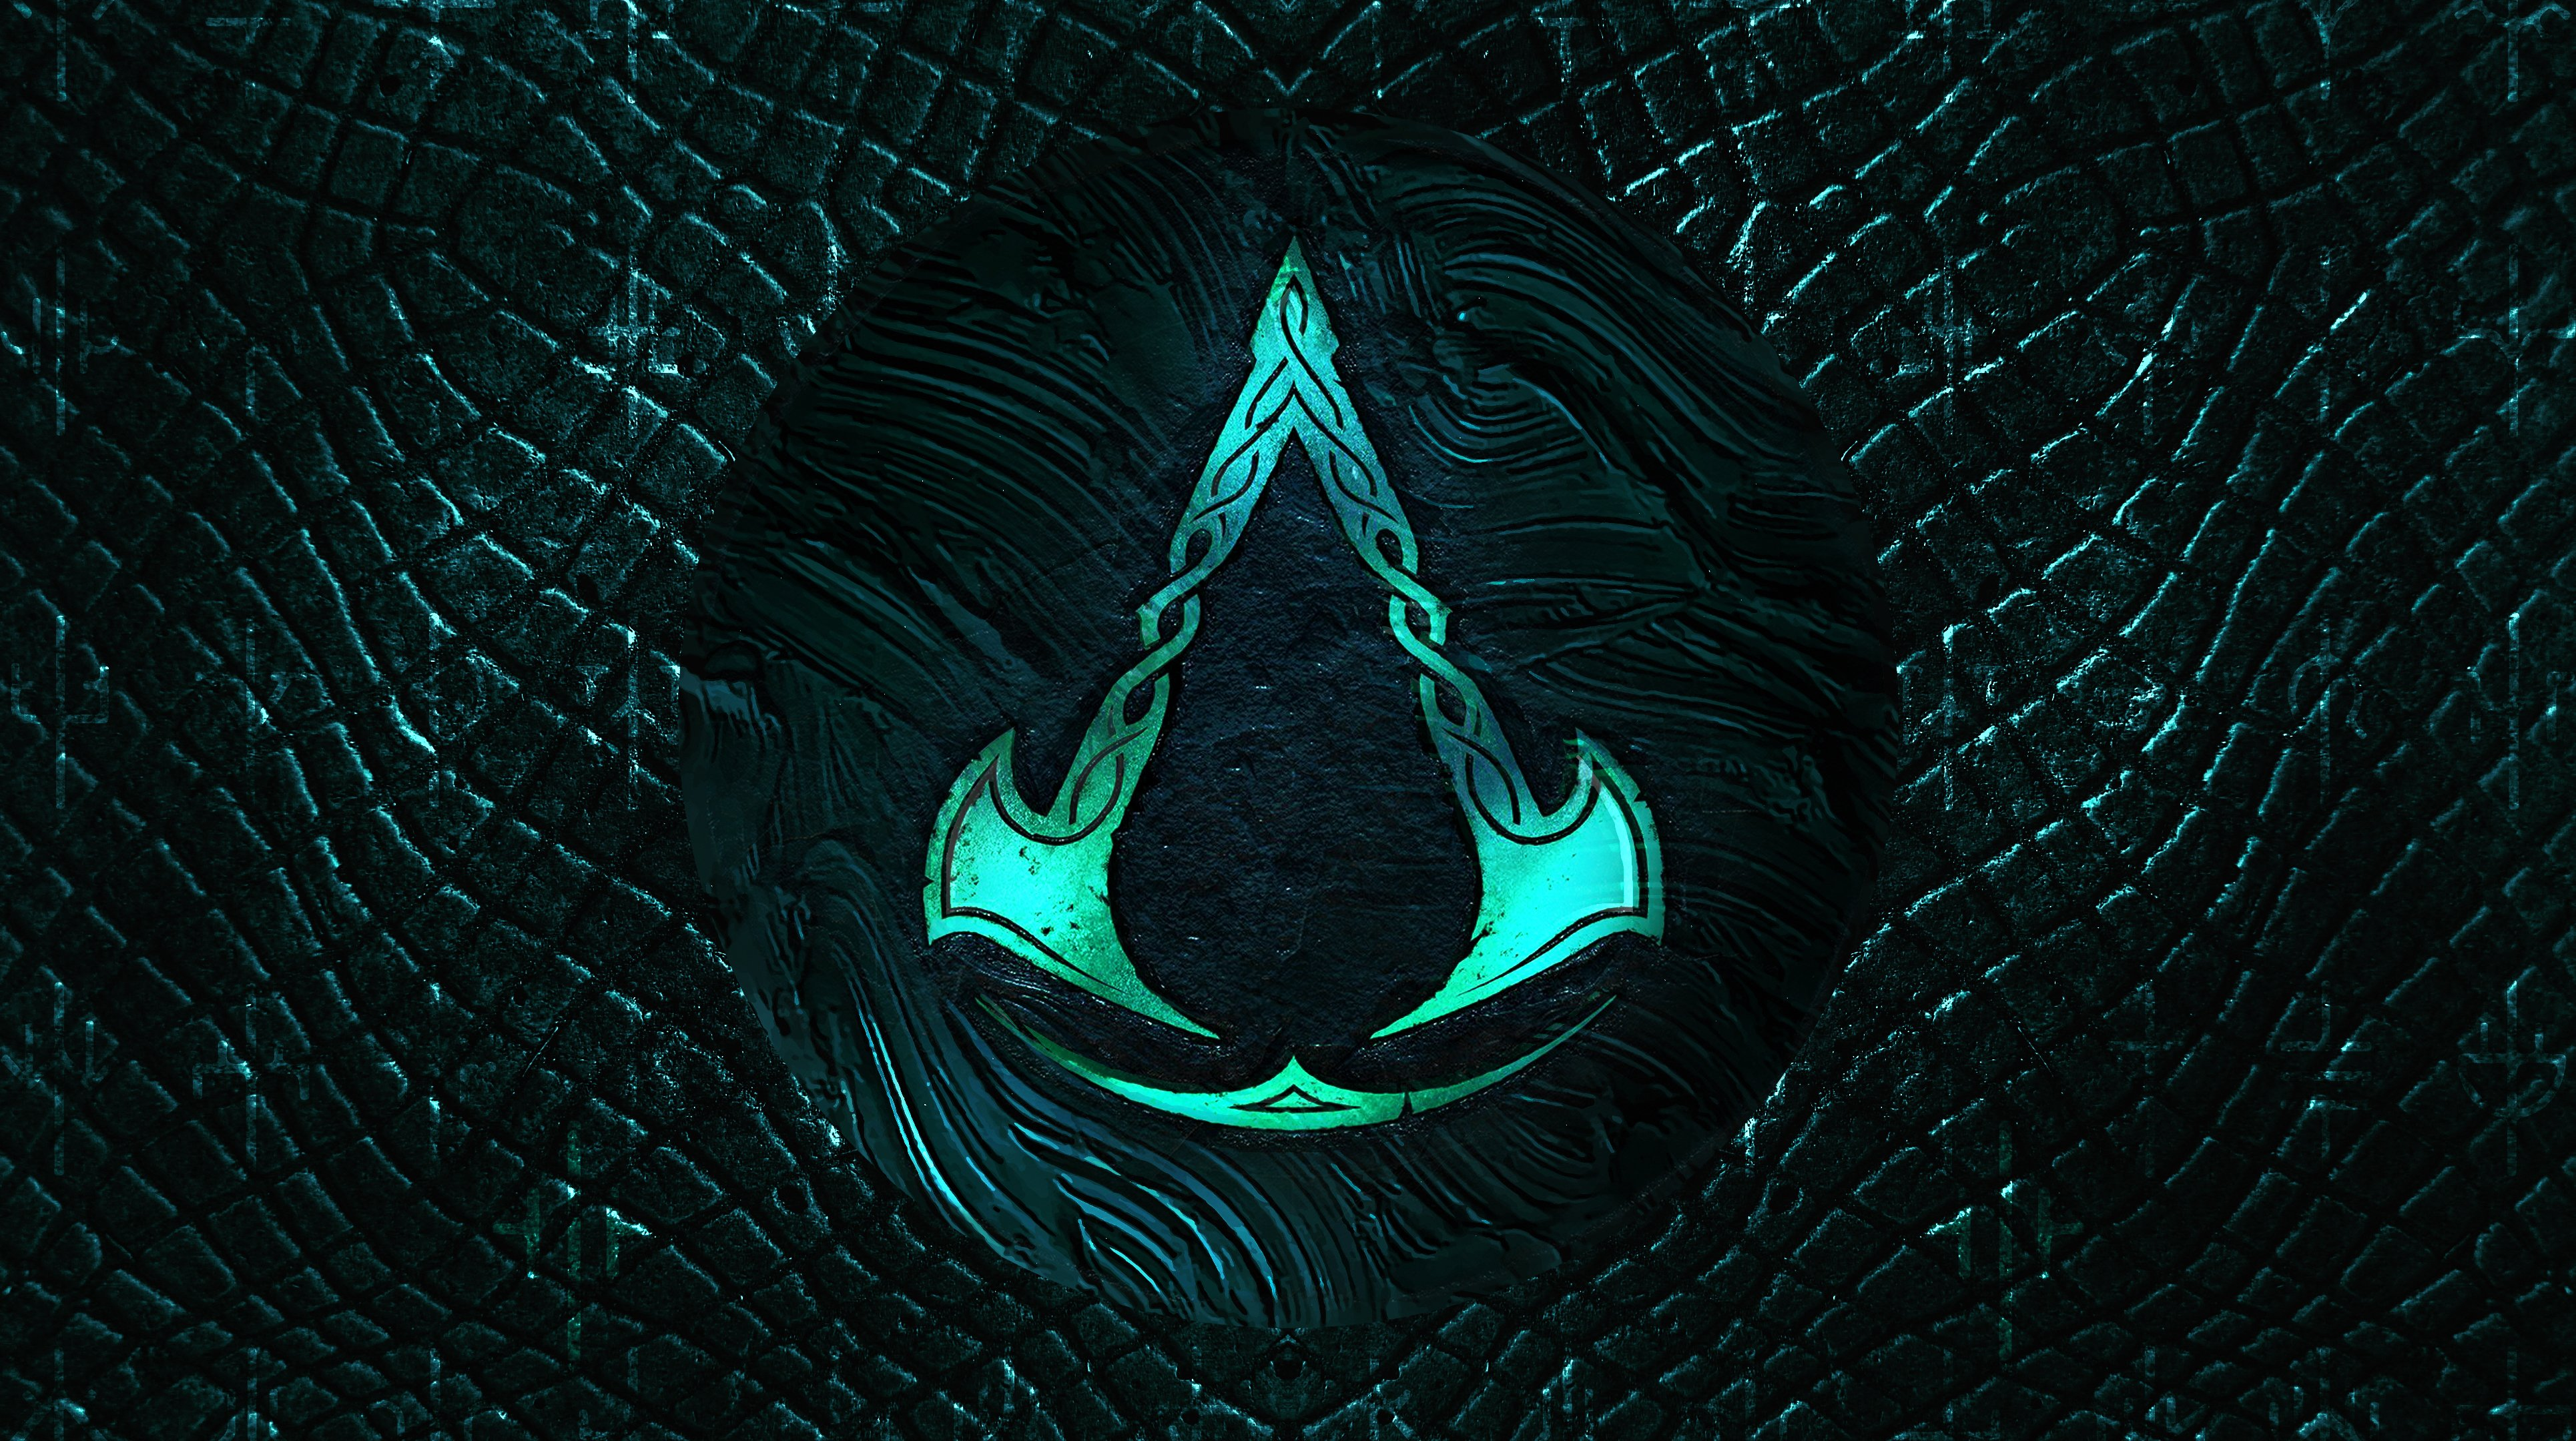 Wallpaper 4k Assassins Creed Valhalla Logo 4k Assassins Creed Valhalla Logo 4k Wallpapers Assassins Creed Valhalla